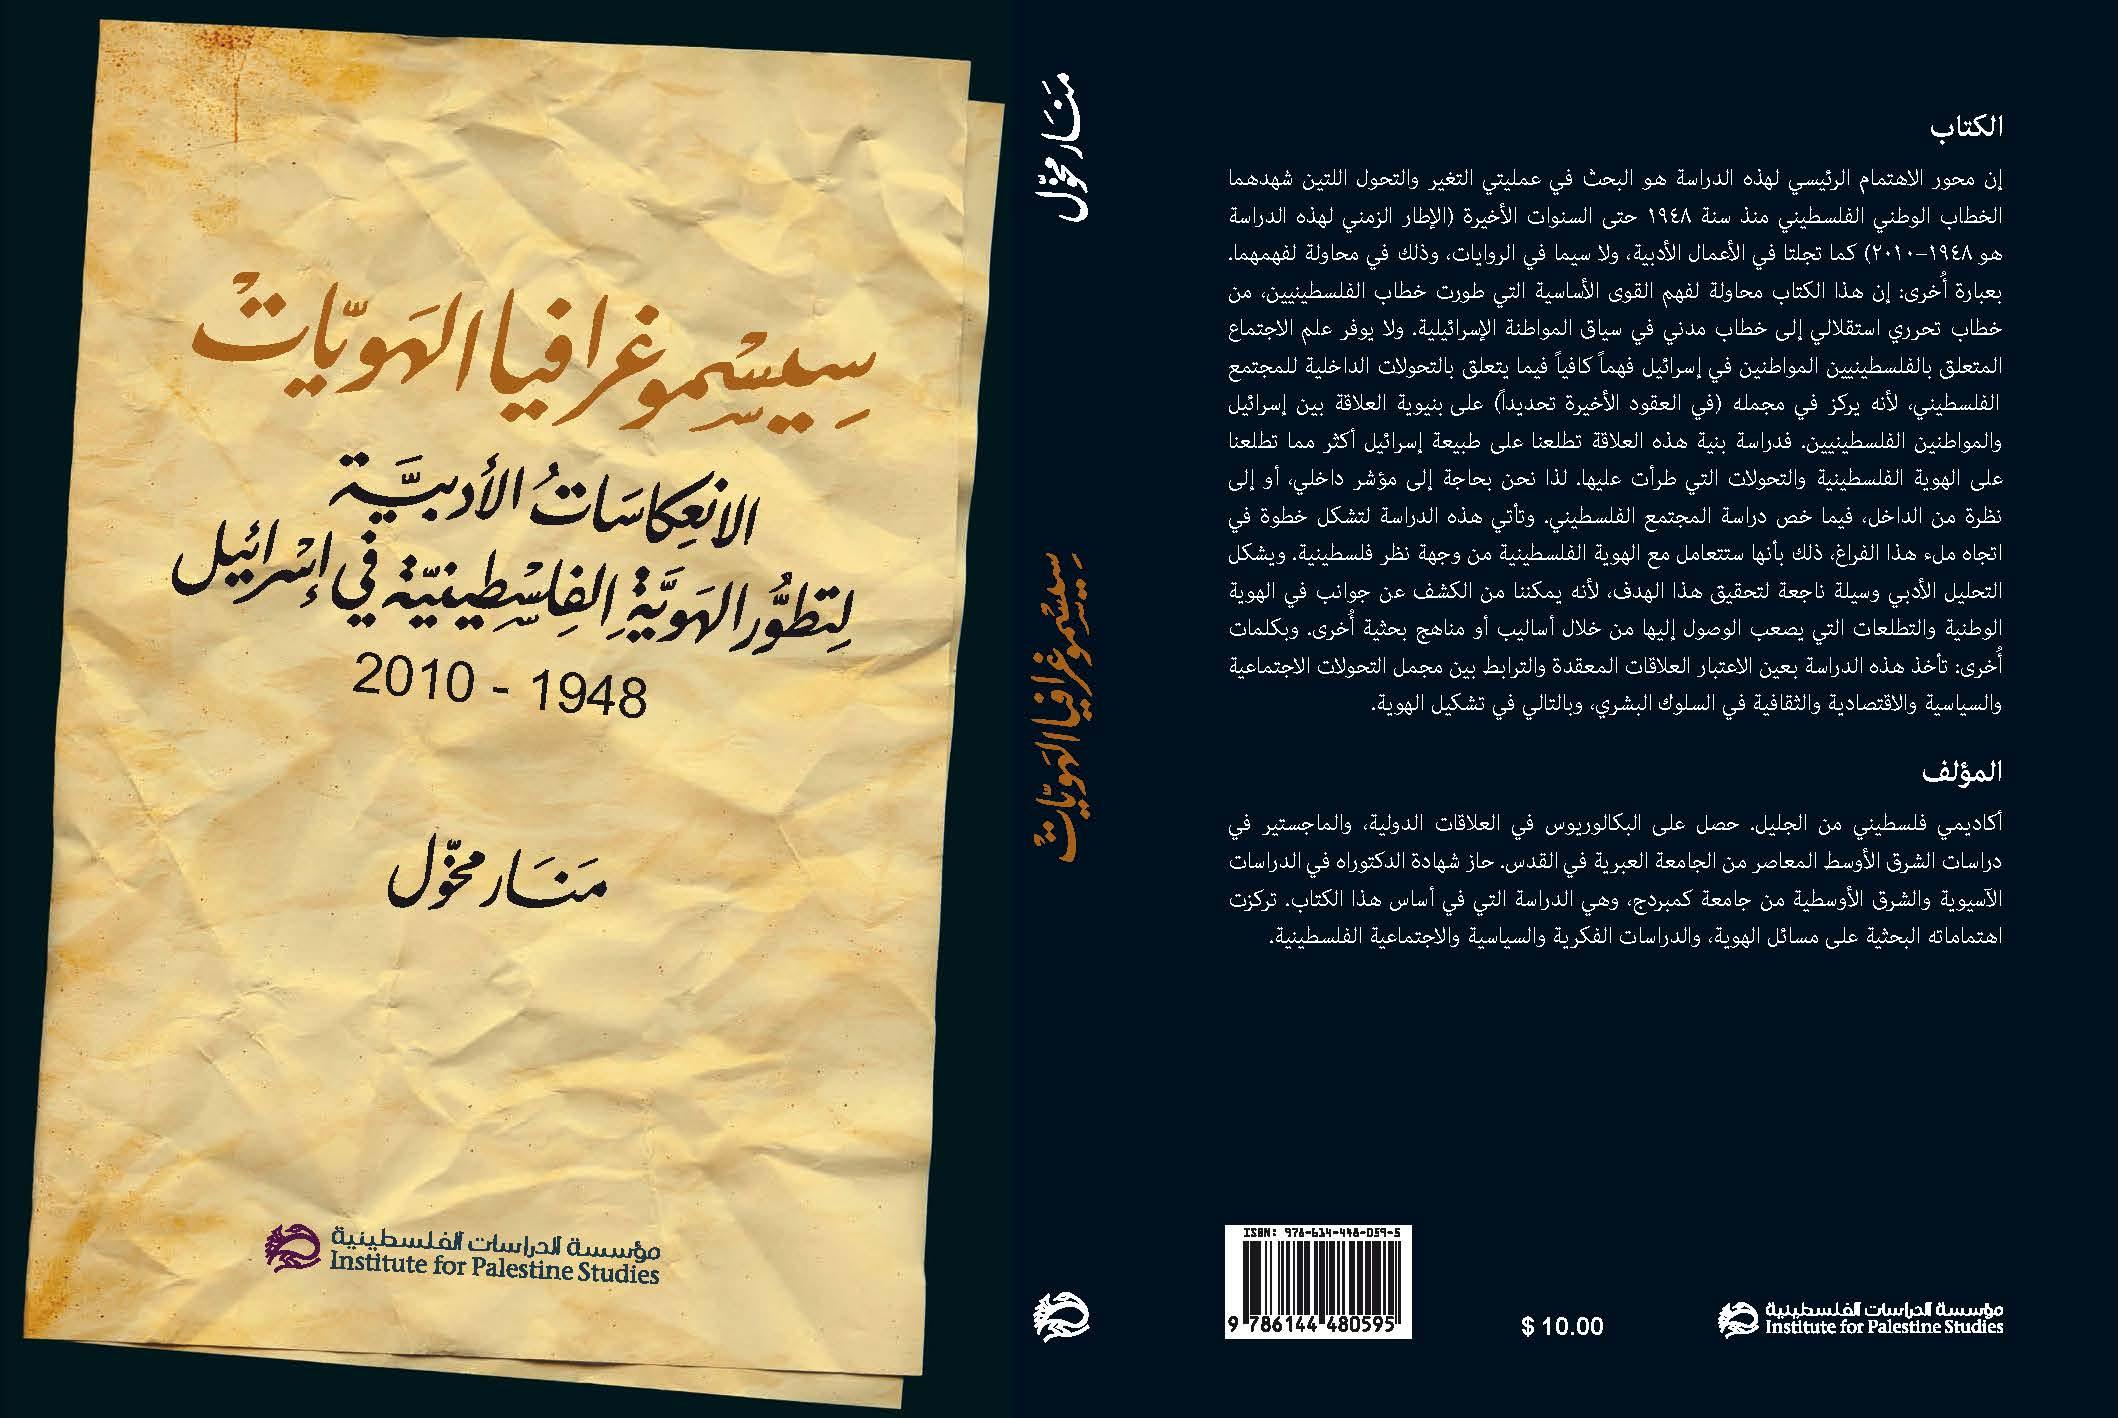 """سيسموغرافيا الهويات: الانعكاسات الأدبية لتطور الهوية الفلسطينية في """"إسرائيل"""""""